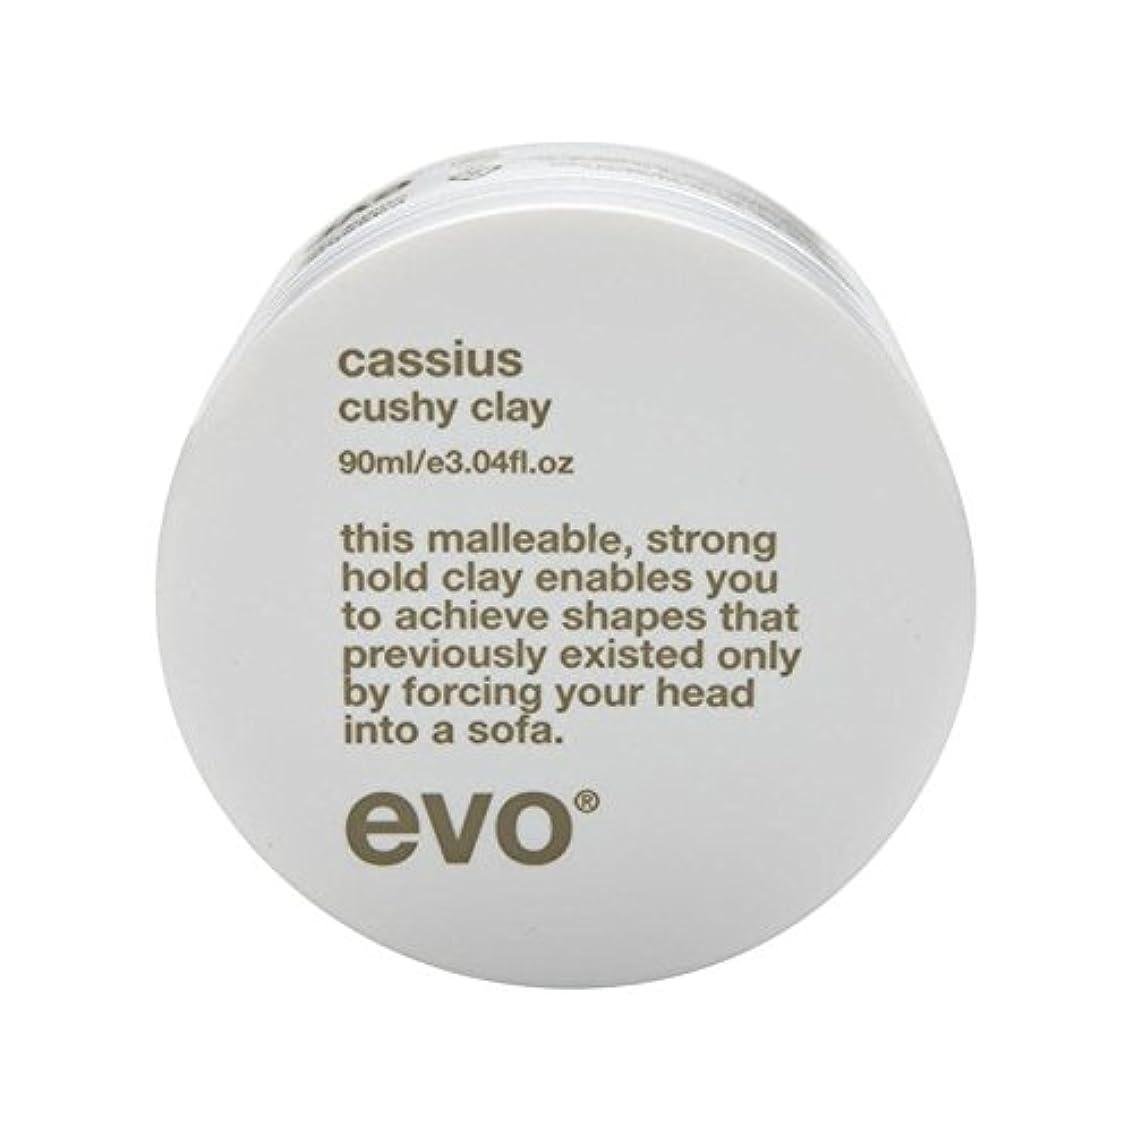 物理学者夕方尊敬するエボカシウス楽な粘土90グラム x2 - Evo Cassius Cushy Clay 90G (Pack of 2) [並行輸入品]